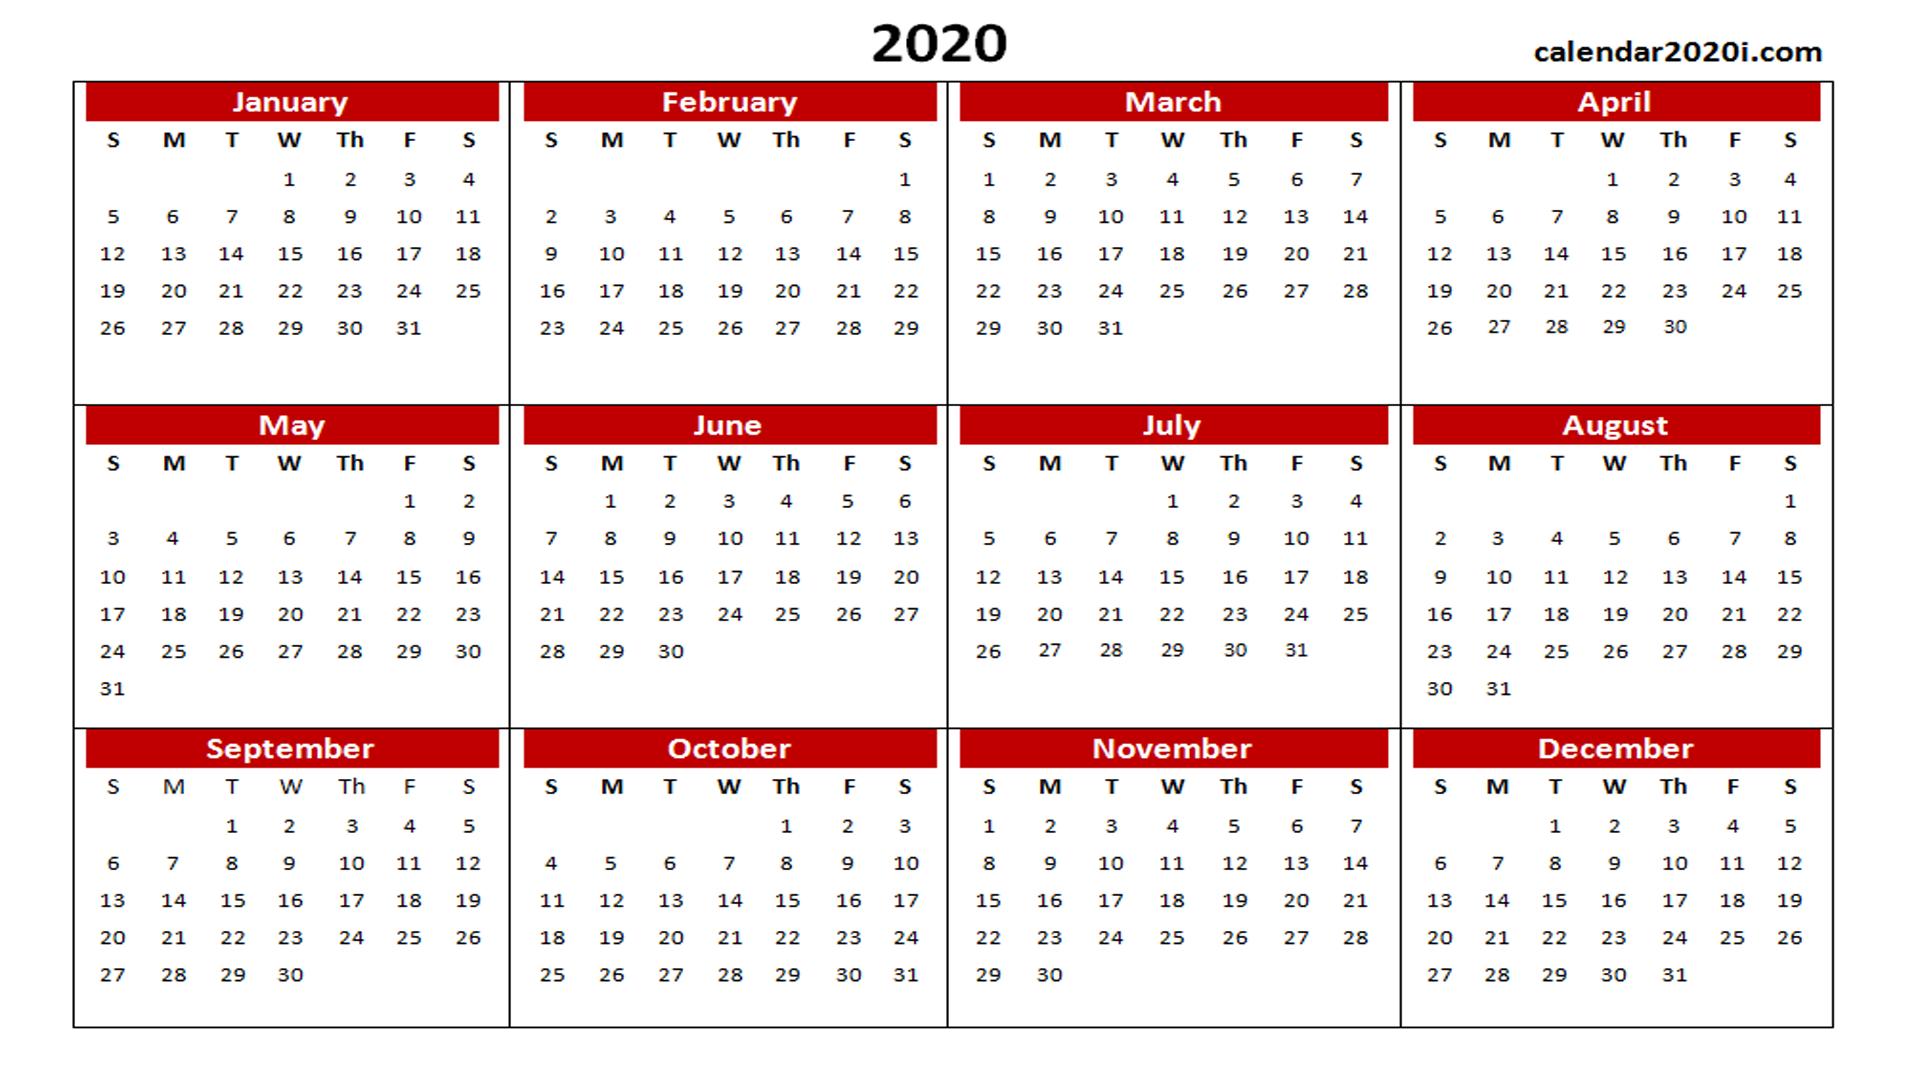 2020 Calendar Wallpapers   Top 2020 Calendar Backgrounds 1920x1080